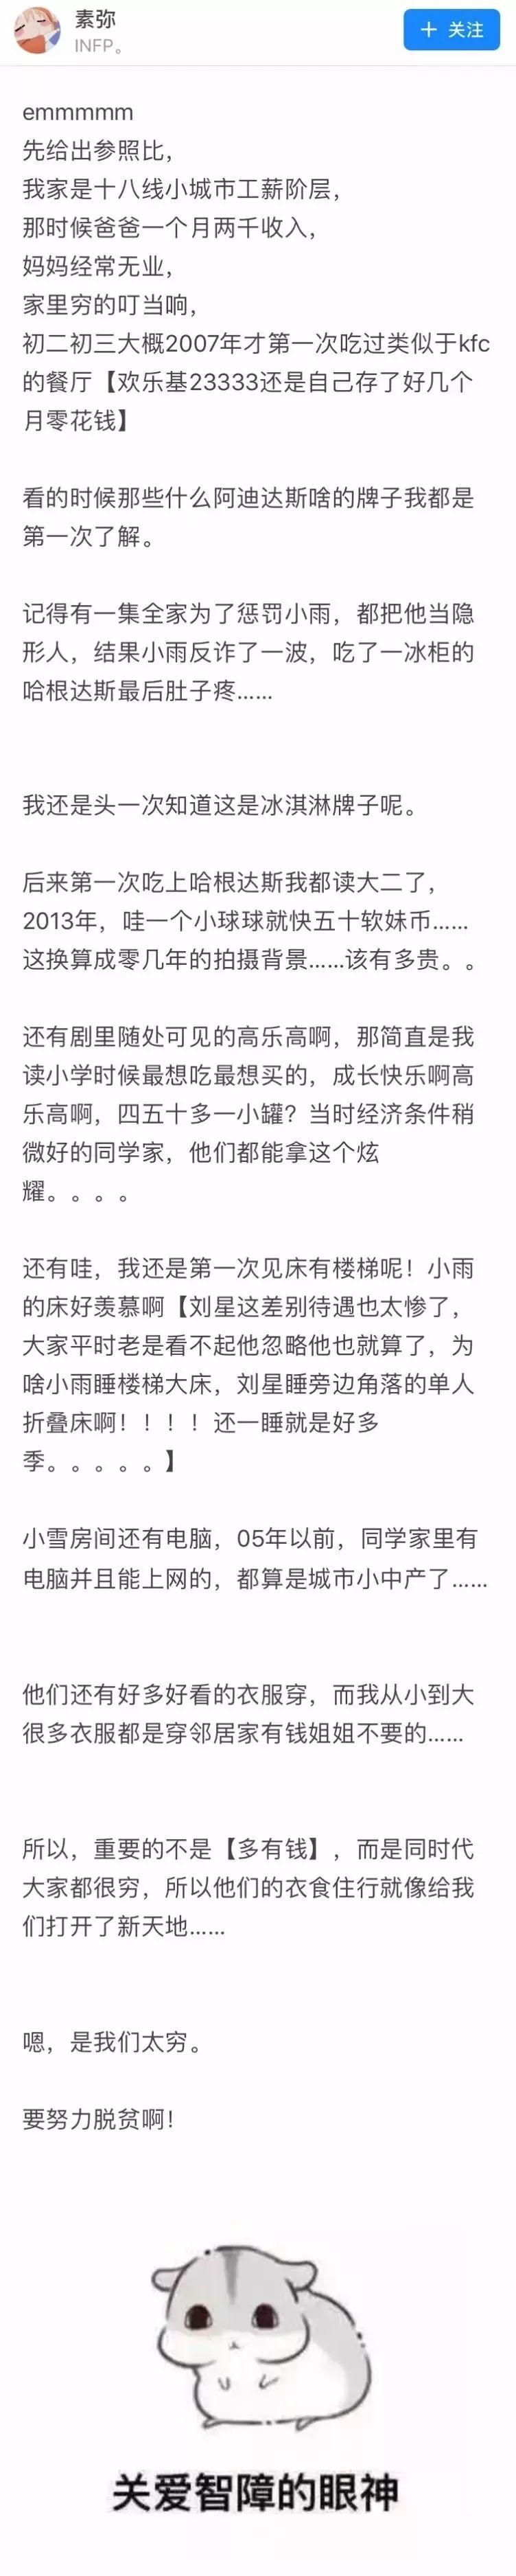 细思极恐!图看网友分析《家有儿女》中刘星家到底多有钱!